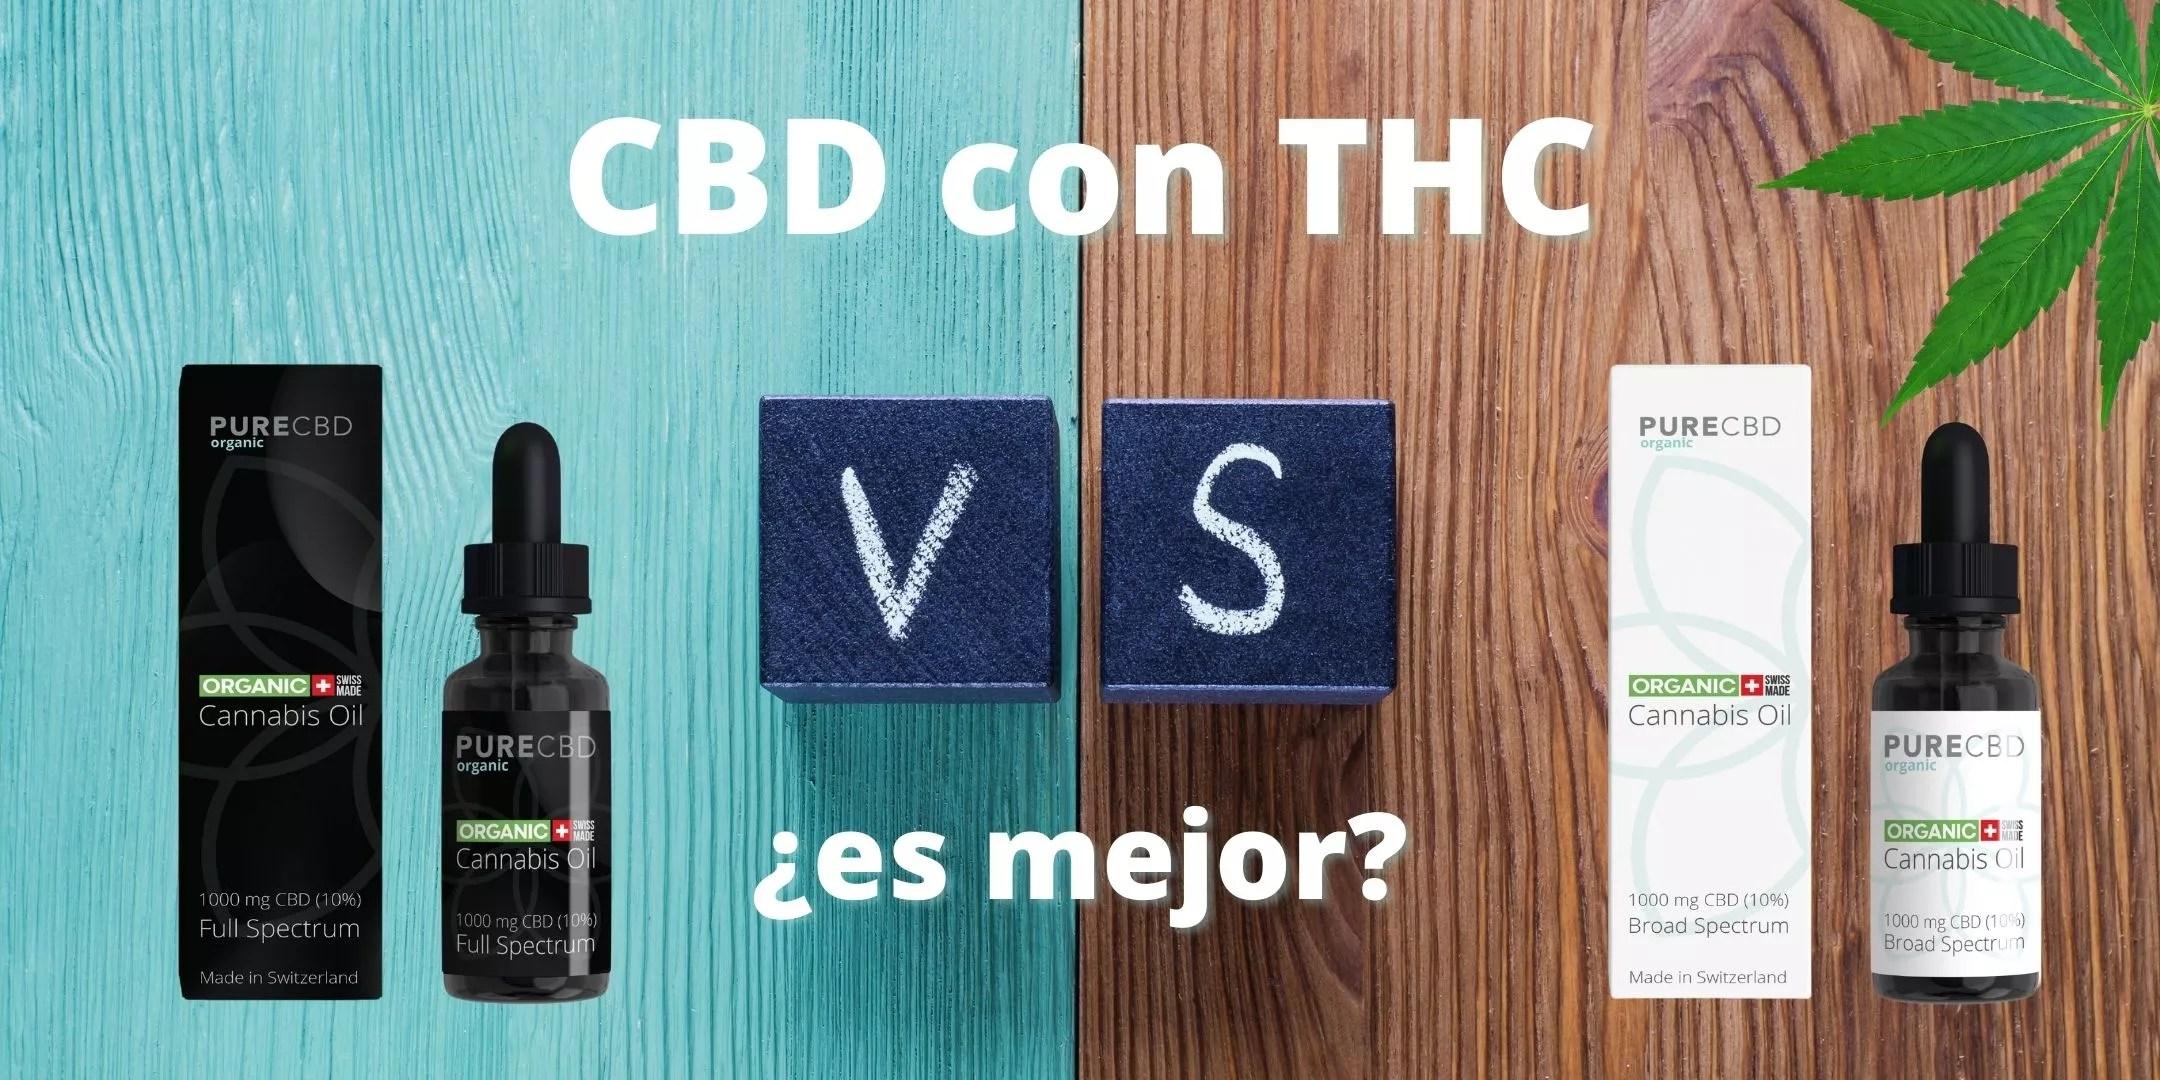 El aceite de CBD THC es mejor